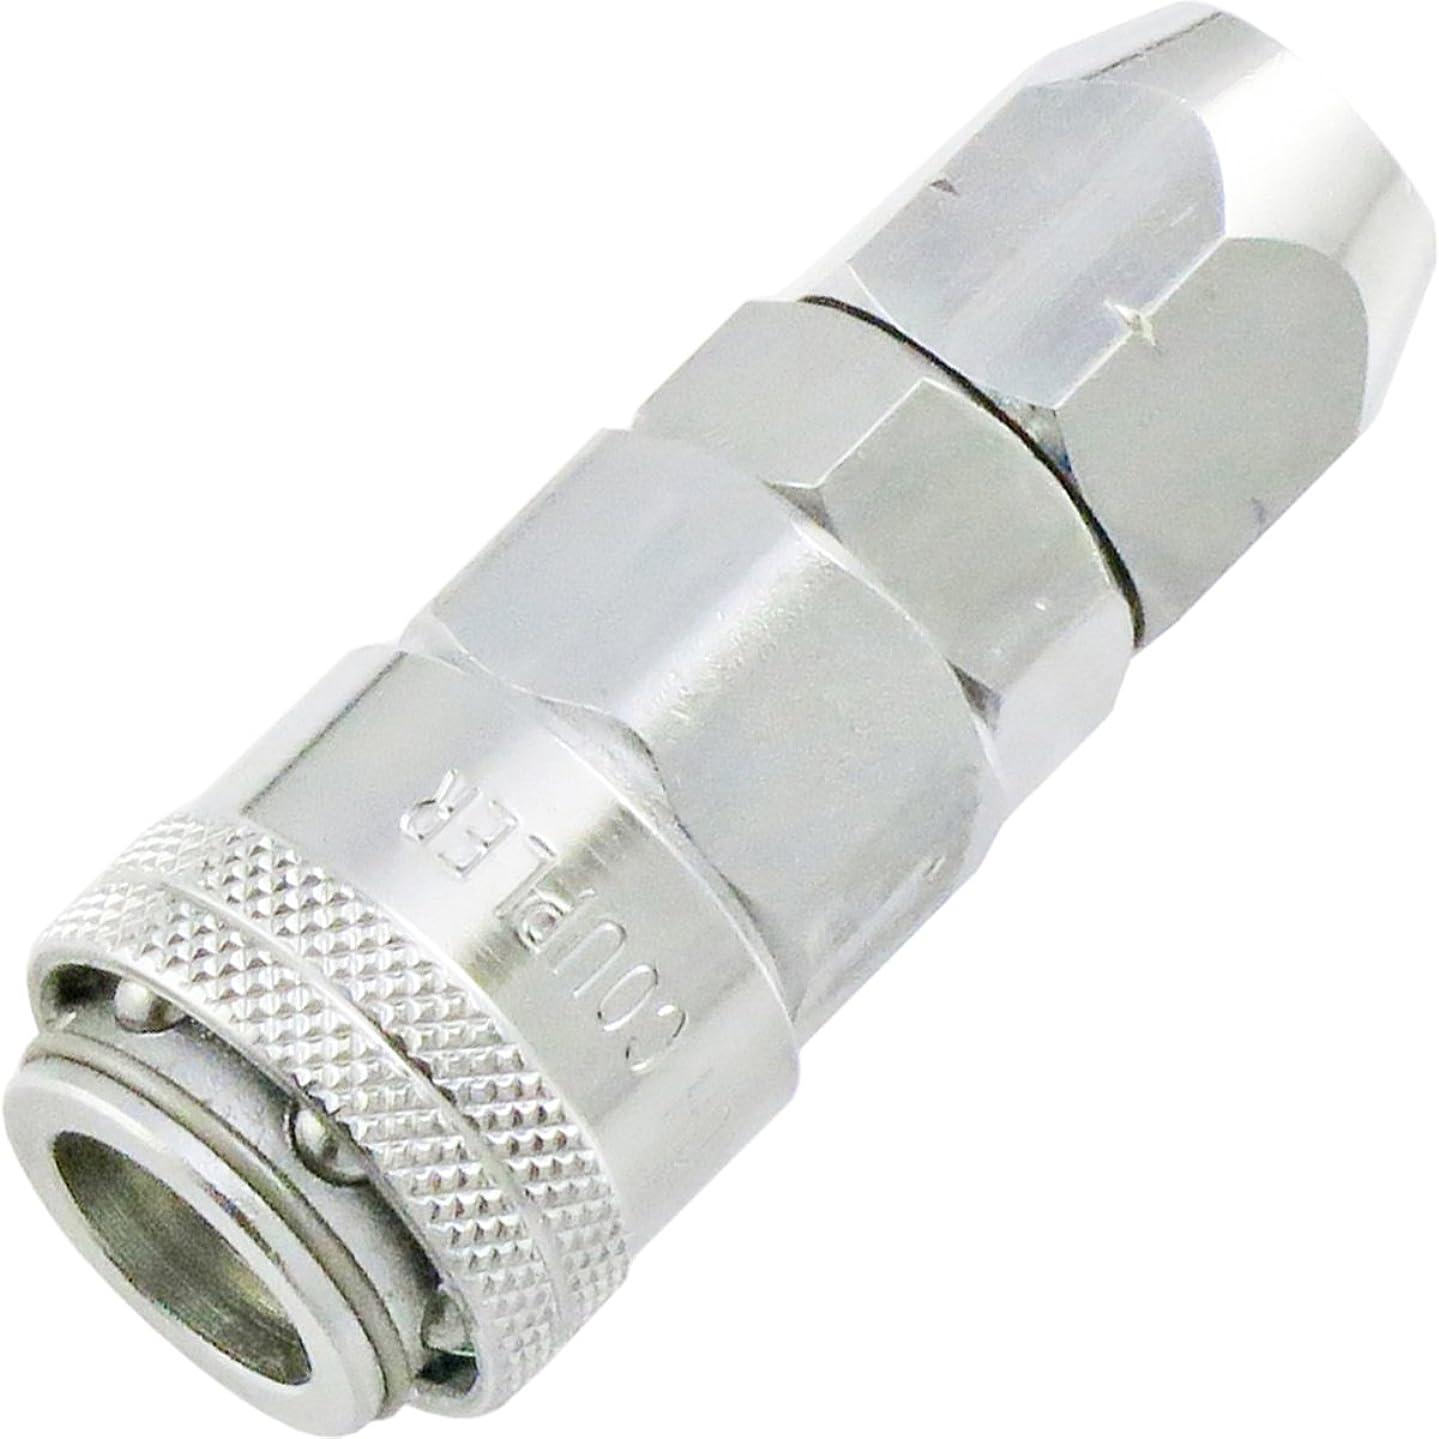 バンドル助手ペンフレンドSUN UP ウレタンホース用ソケット SN-23 適合ホース:内径φ8.5mm×外径φ12.5mm 1個